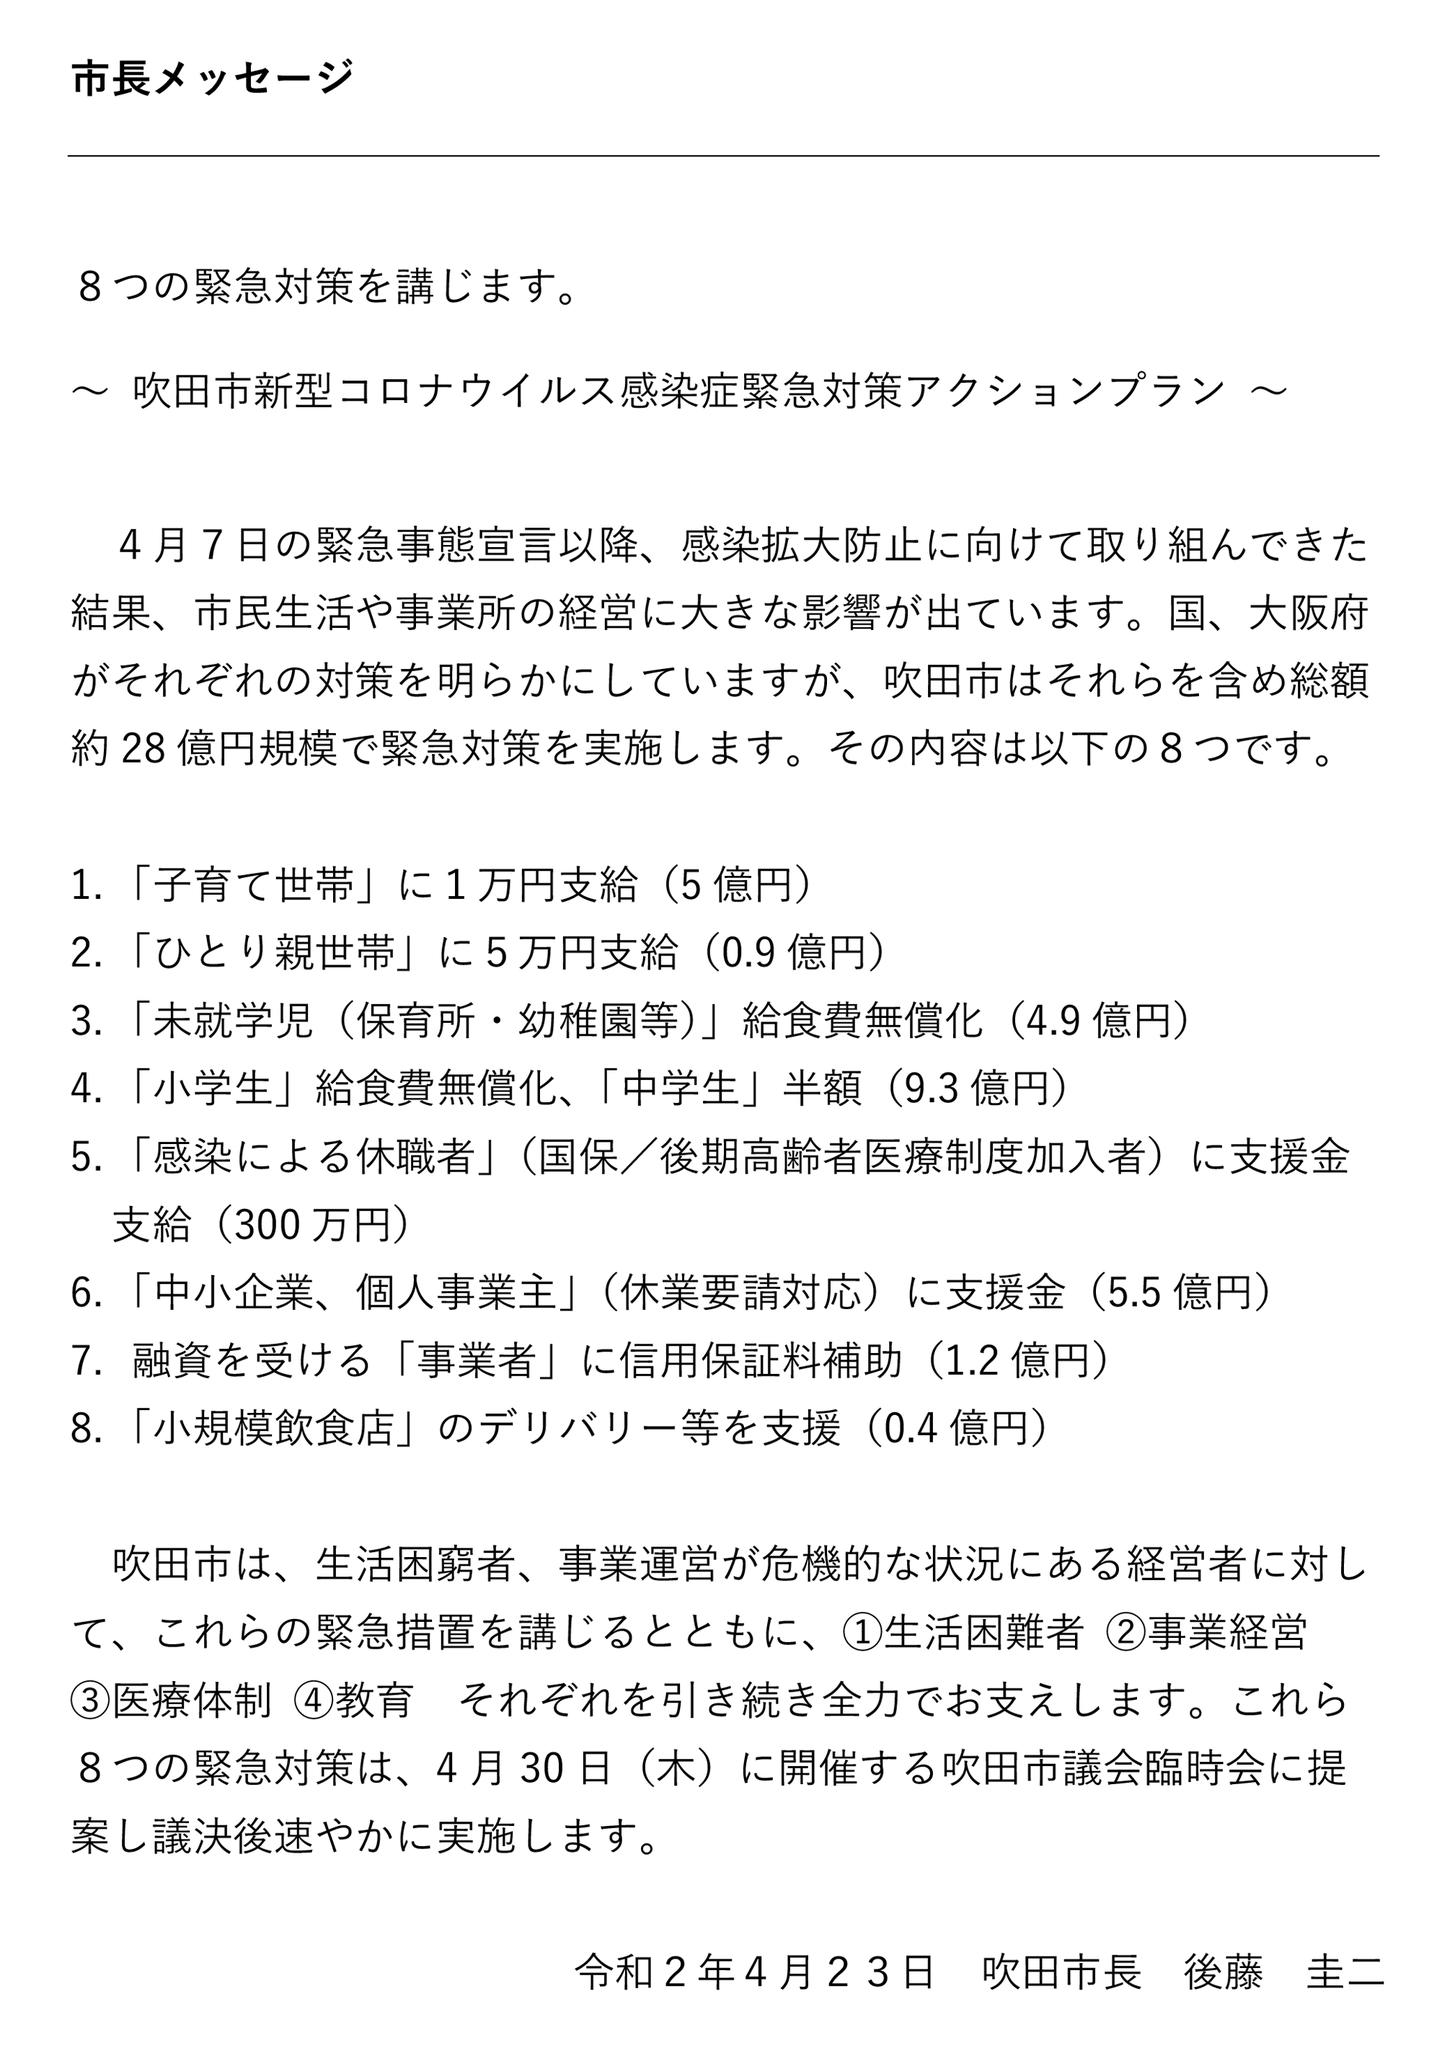 大阪府市町村別コロナ感染者